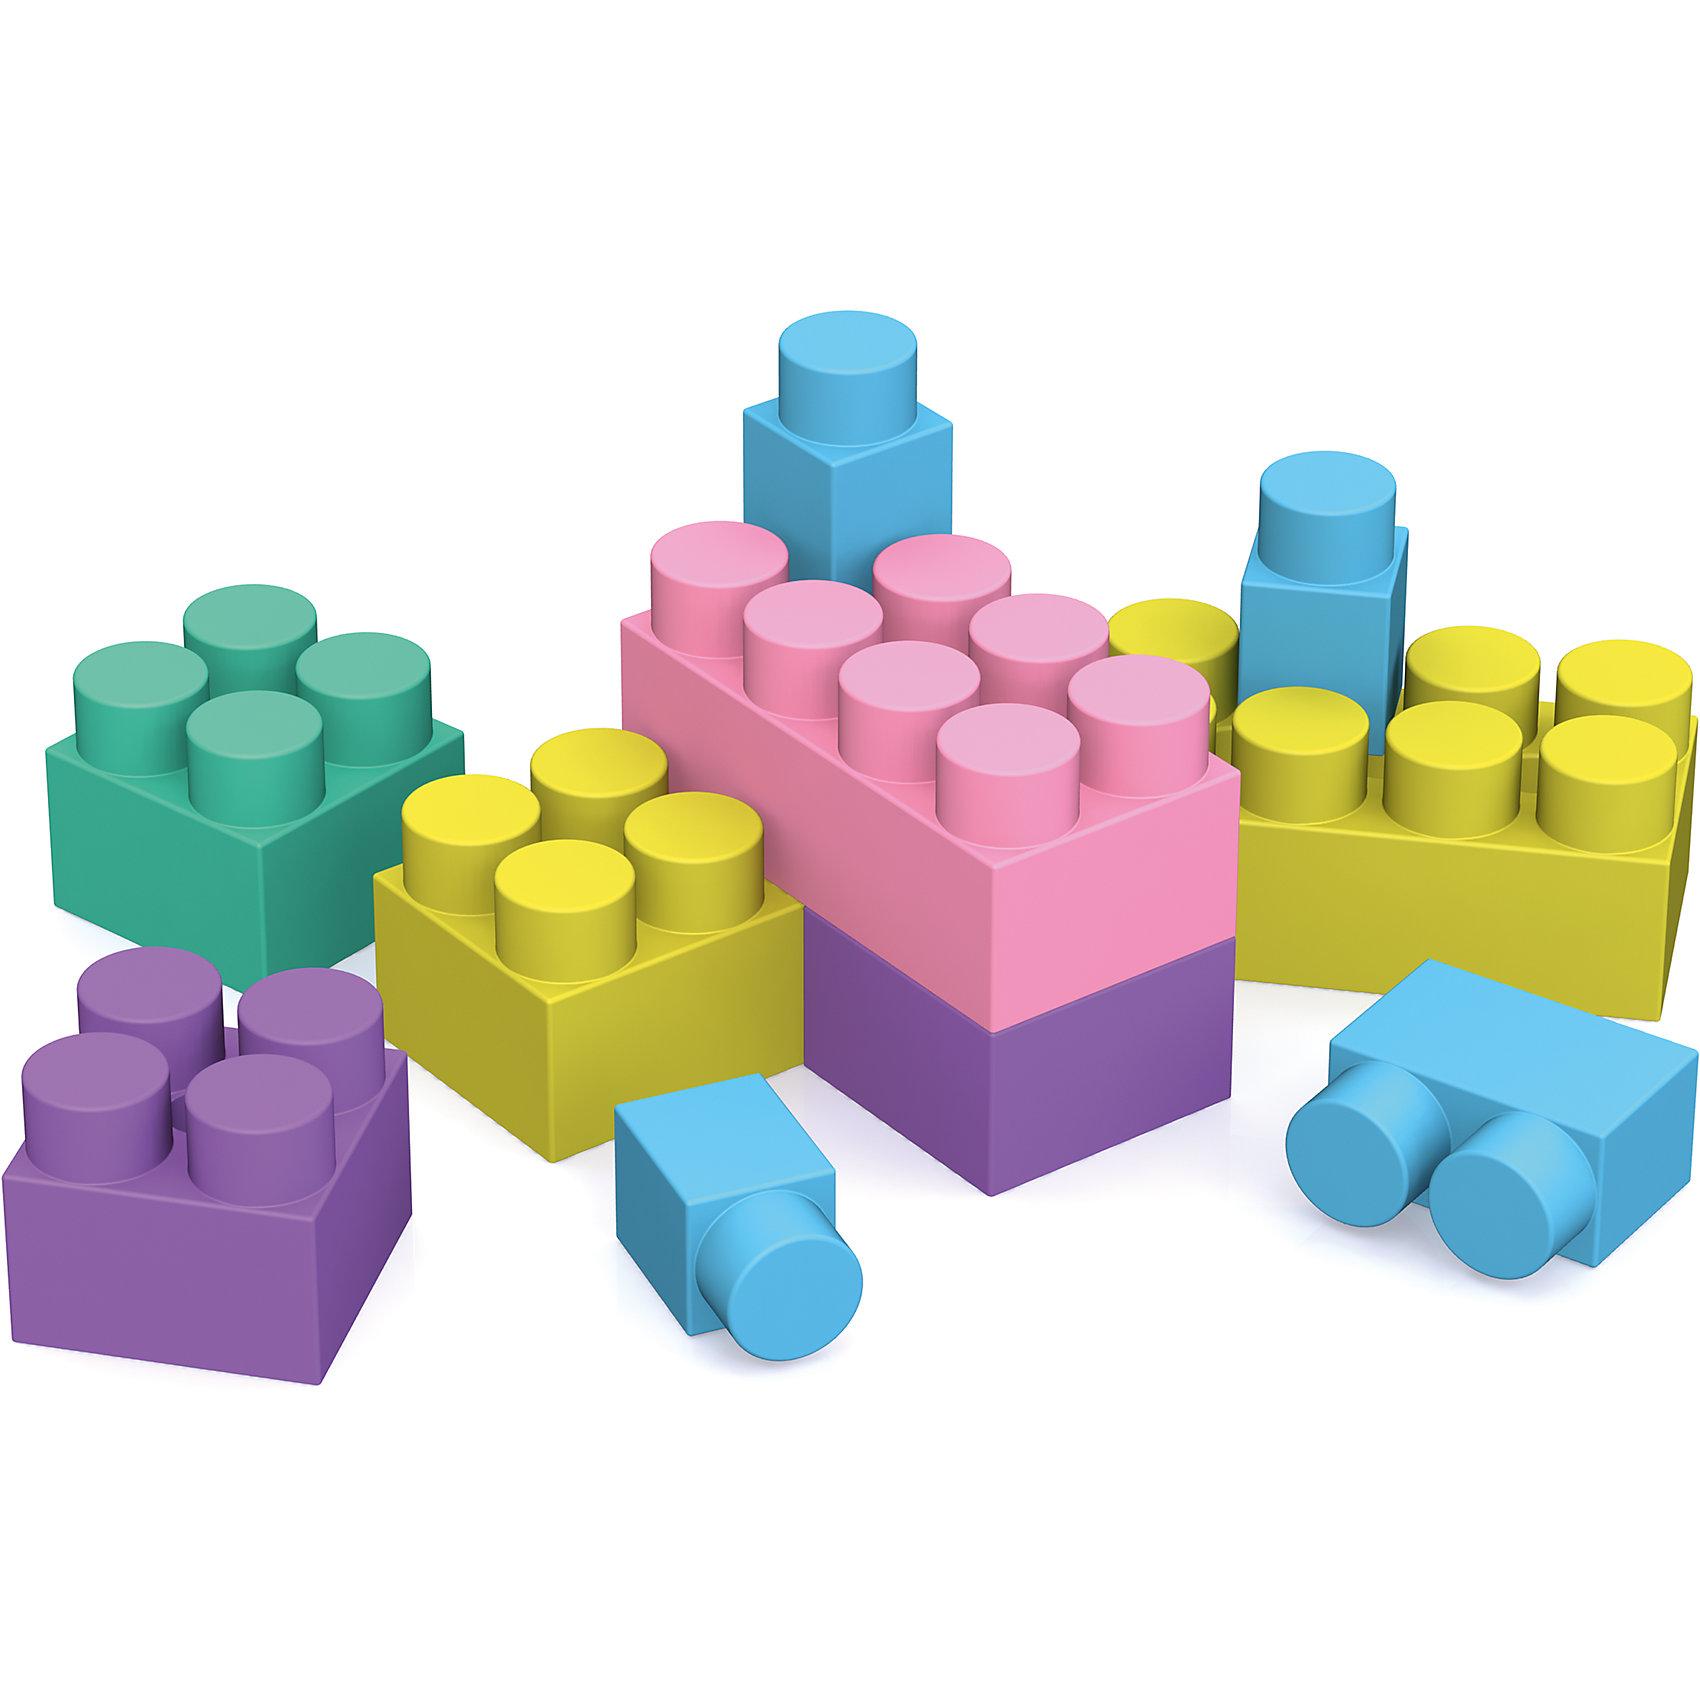 Мега конструктор, 70 деталей, ШкодаКонструктор МЕГА совместим со всеми сериями конструкторов Шкода. <br><br>Дополнительная информация:<br><br>- в комплекте 70 элементов.<br>- высота кубика 5,5 см.<br><br>Мега конструктор, 70 деталей, Шкода можно купить в нашем магазине.<br><br>Ширина мм: 350<br>Глубина мм: 200<br>Высота мм: 355<br>Вес г: 2070<br>Возраст от месяцев: 36<br>Возраст до месяцев: 72<br>Пол: Унисекс<br>Возраст: Детский<br>SKU: 4104908